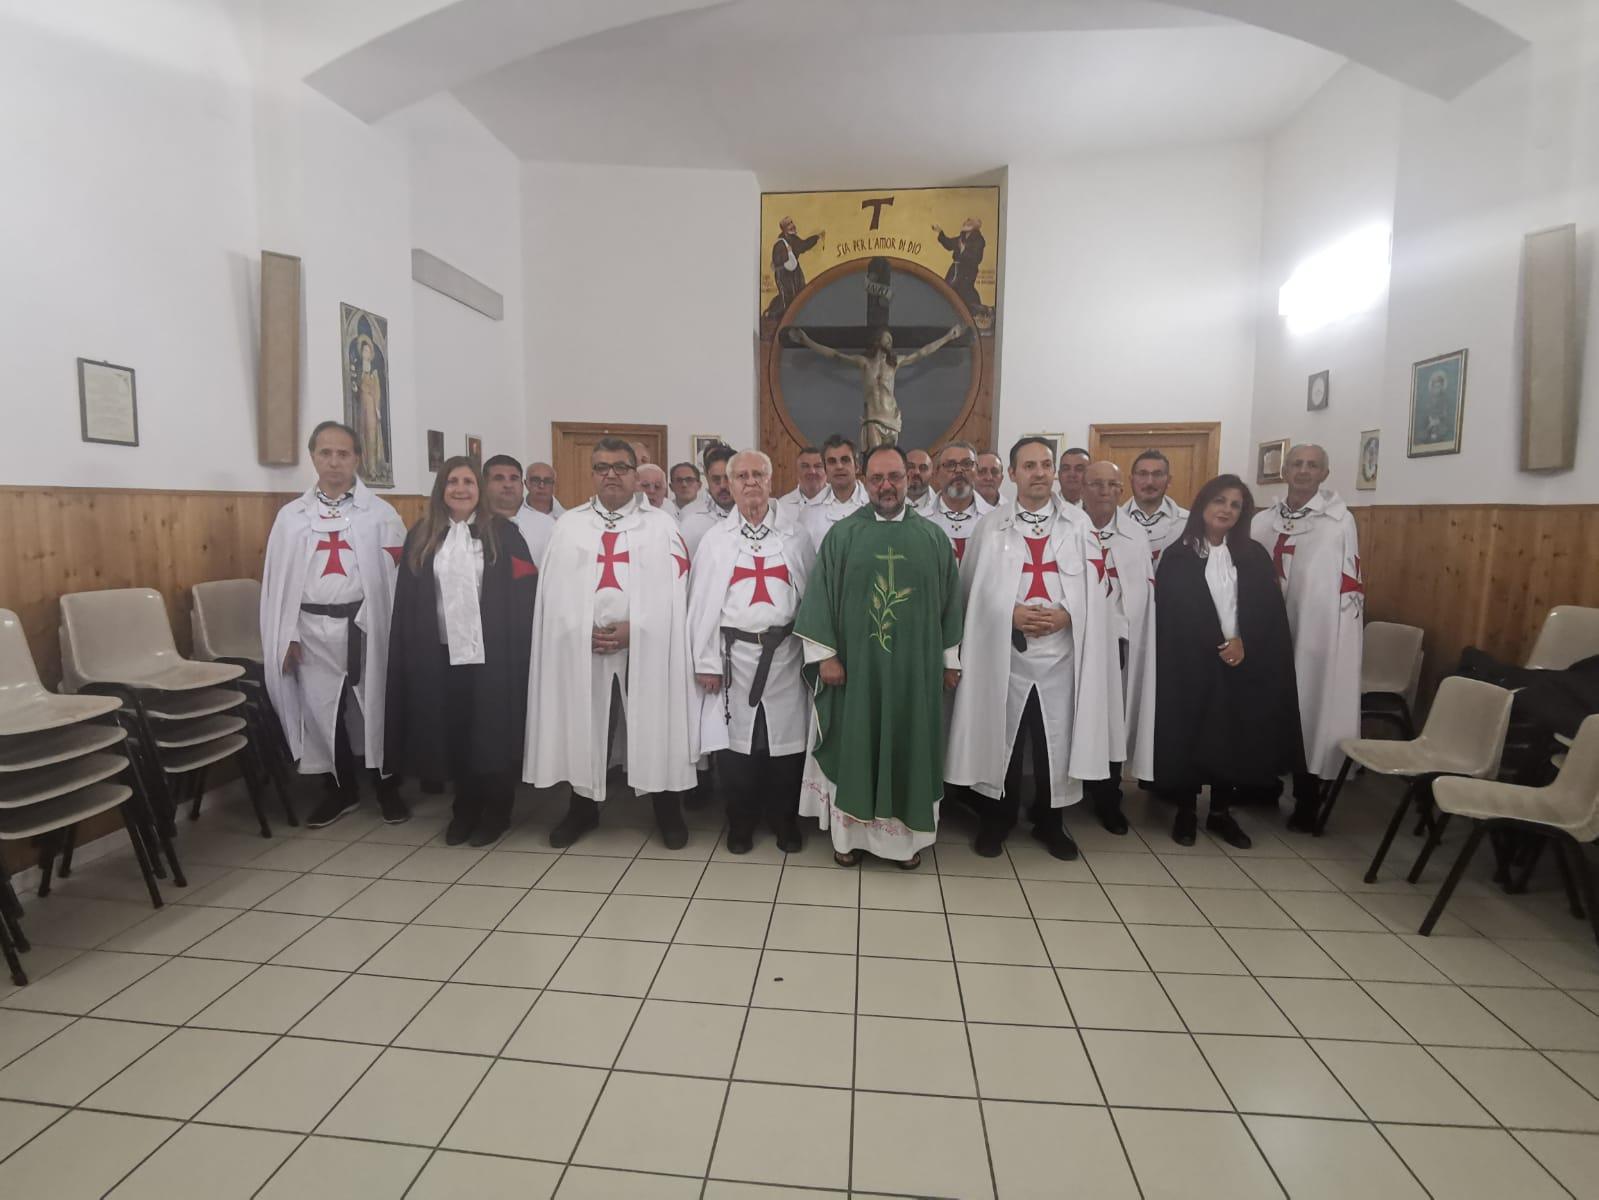 Convento Interpriorale Sicilia – Calabria a Paternò, Catania, 2019